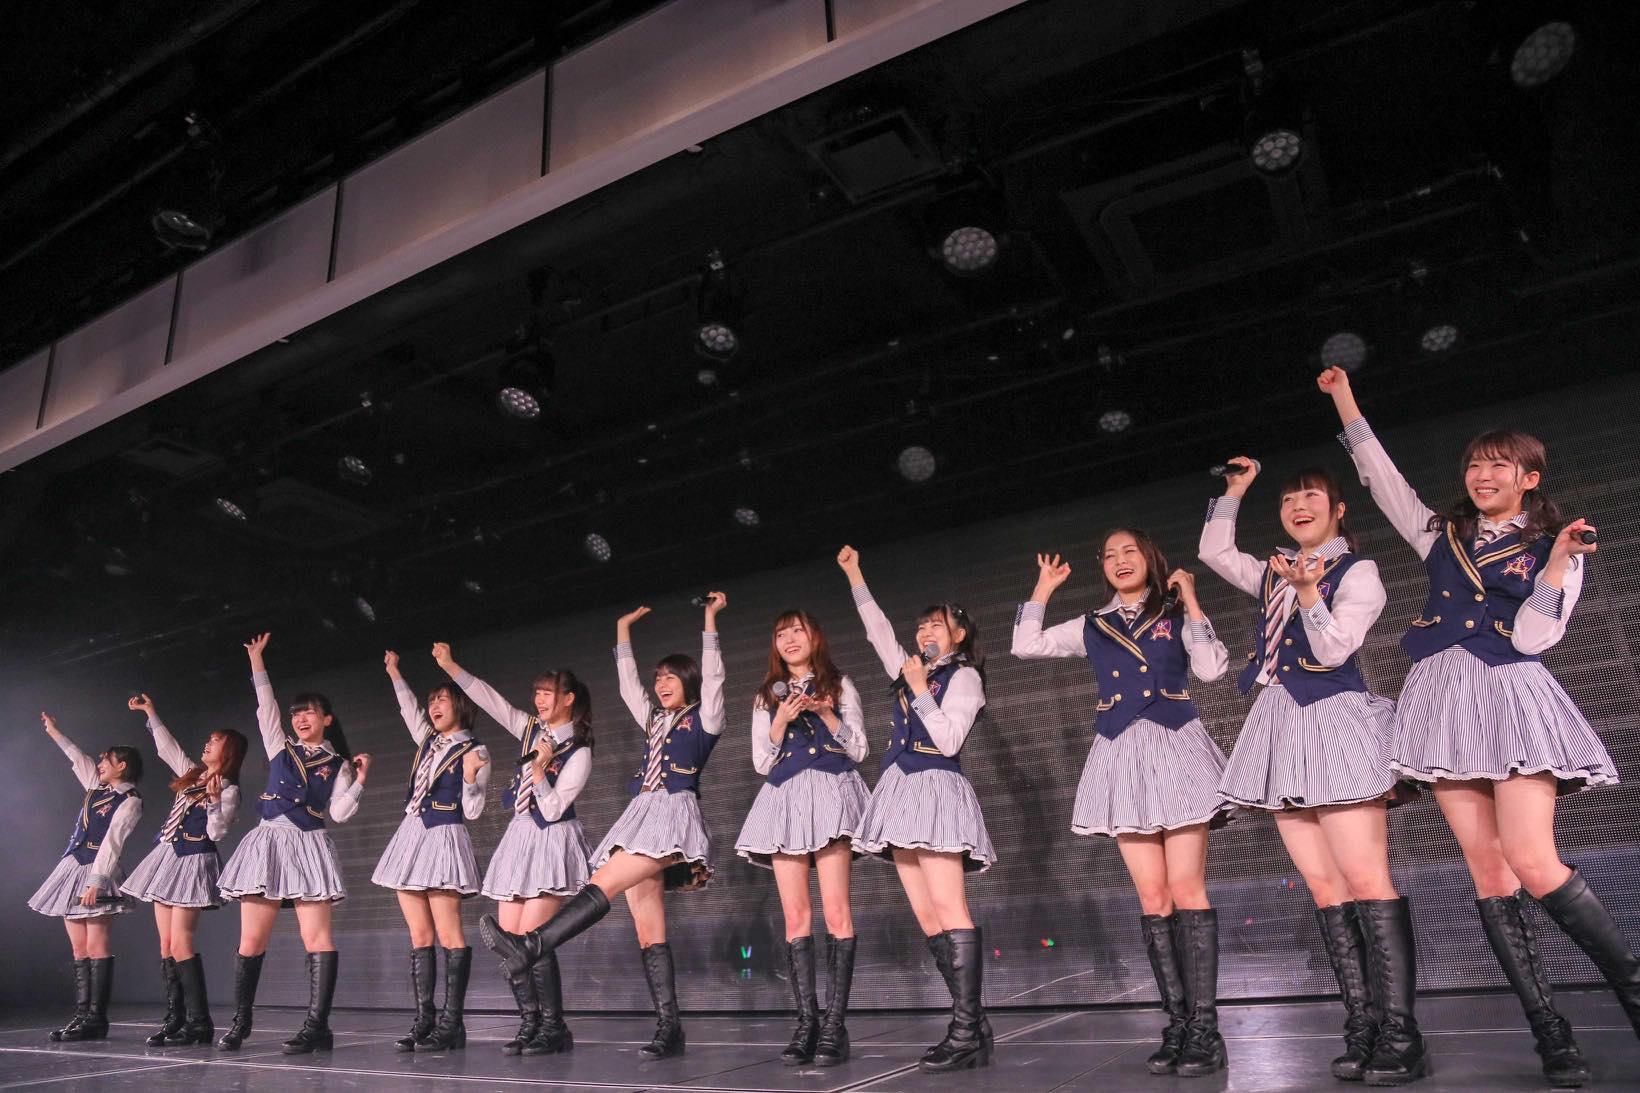 NGT48山口真帆ほか、メンバーそれぞれが千秋楽公演でコメントを発表!【写真16枚】の画像002